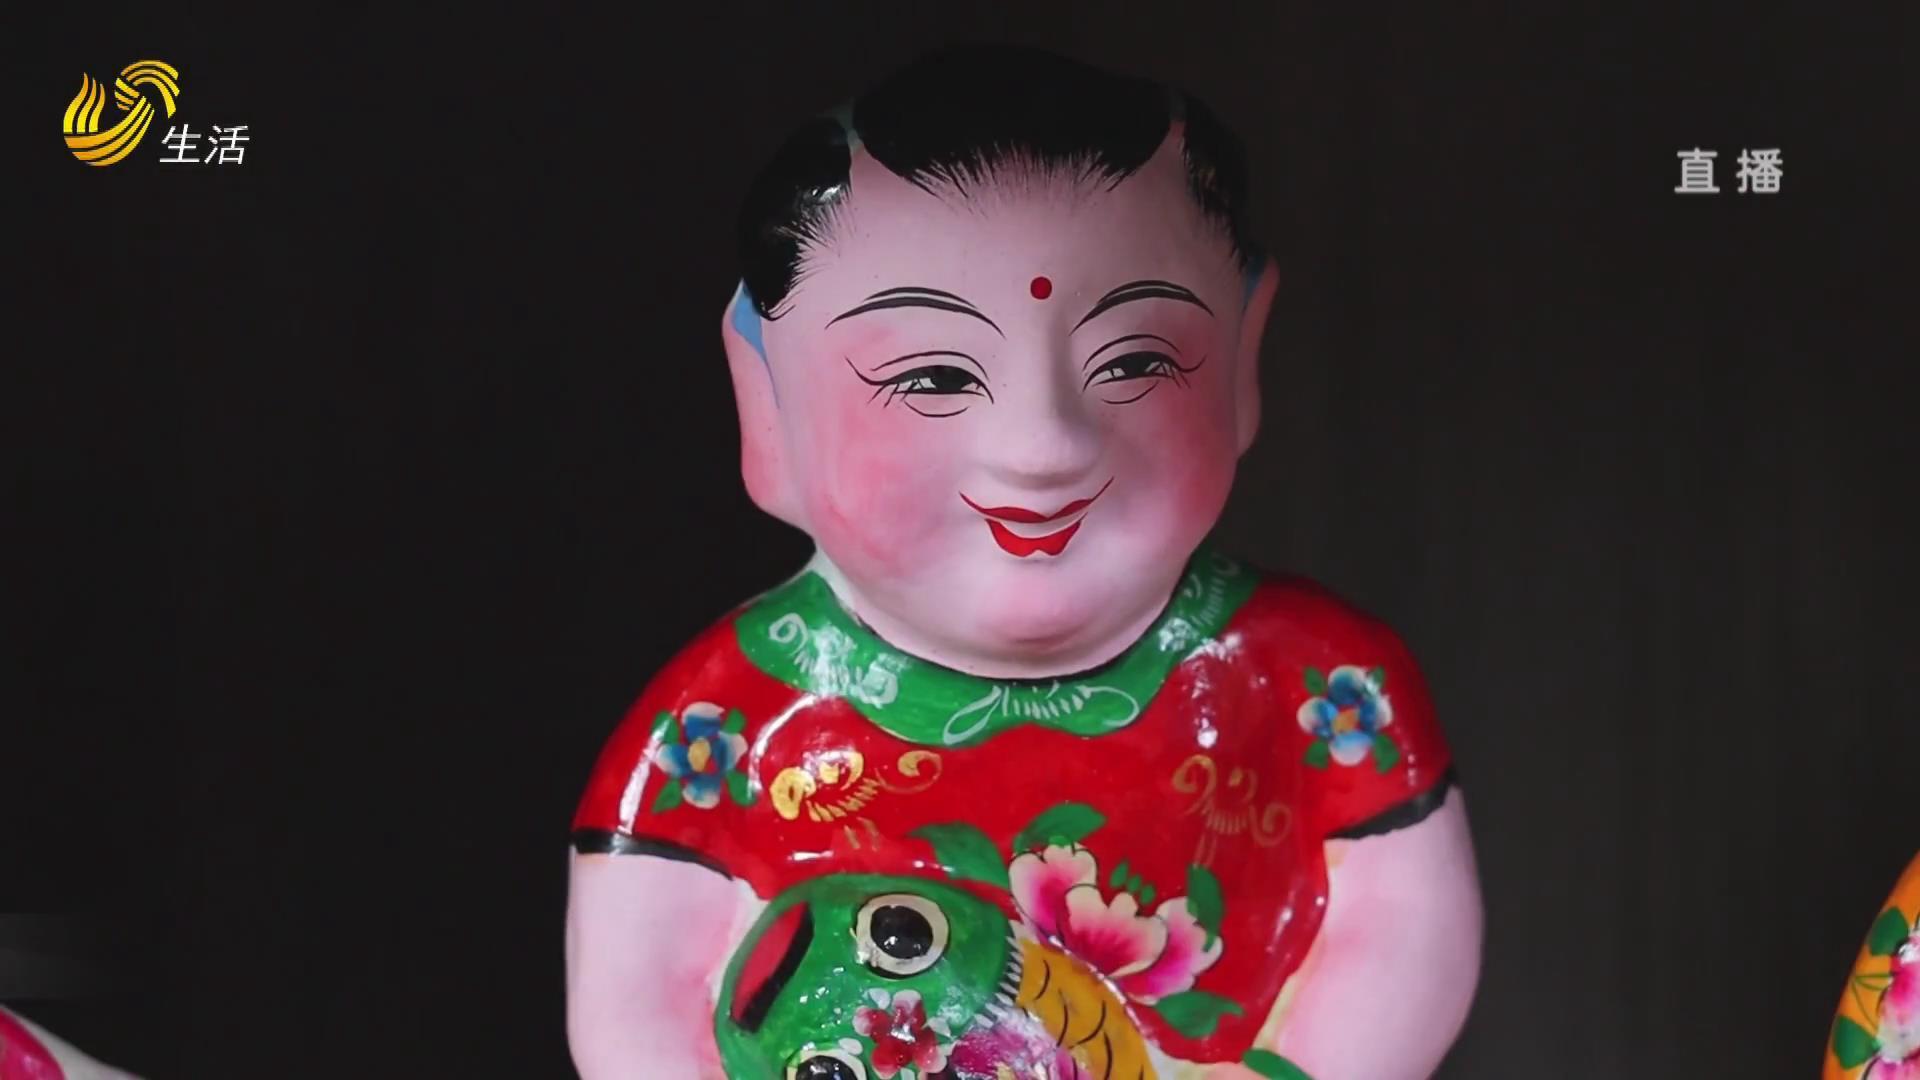 潍坊高密:泥巴捏成非物质文化遗产